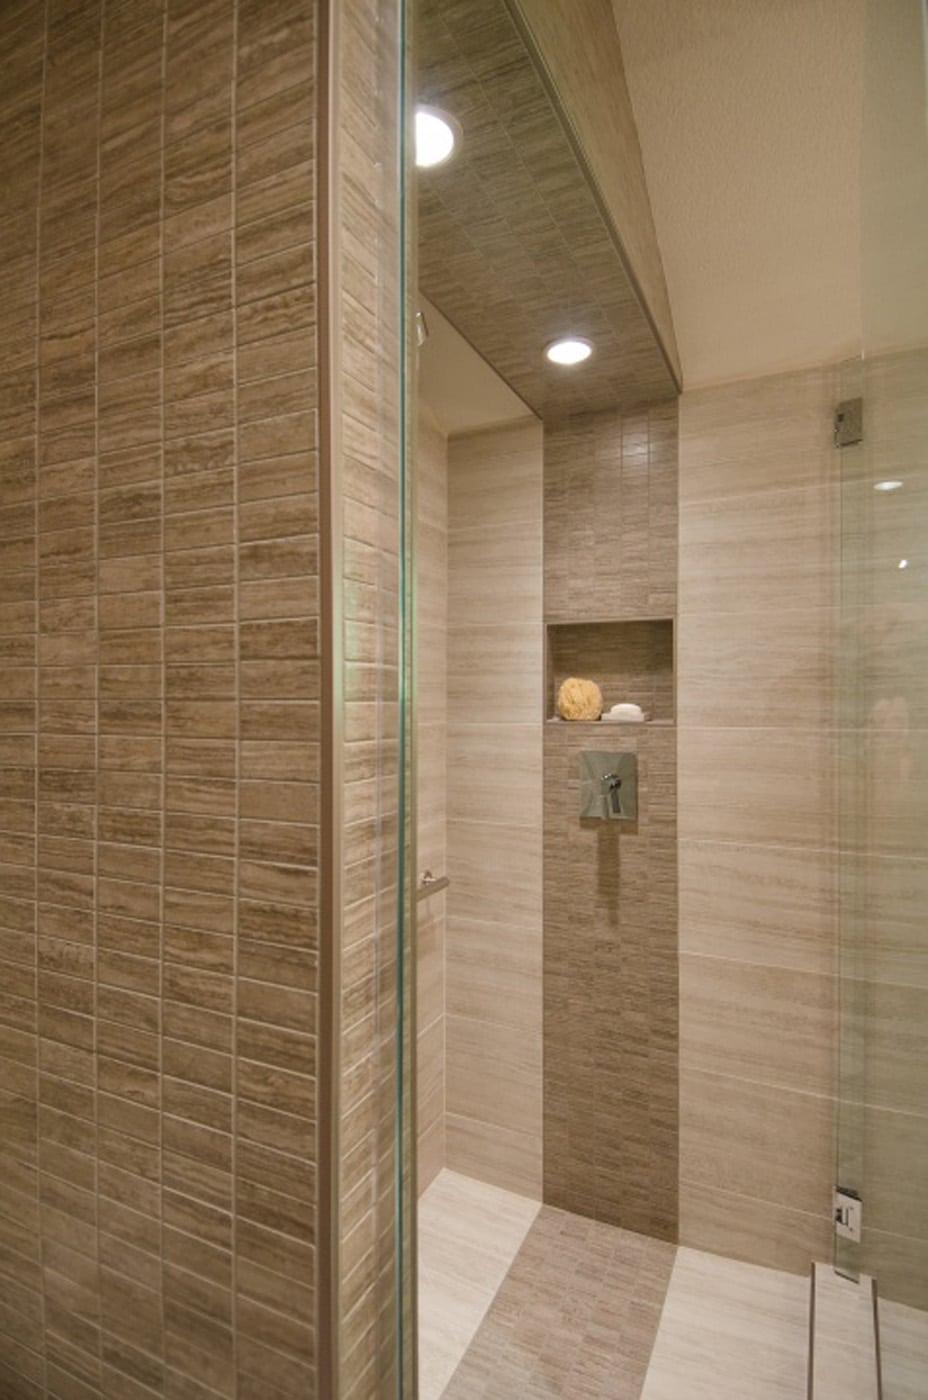 Excellent  Bathroomvaultedbeamedceiling Bathroom Vaultedceiling